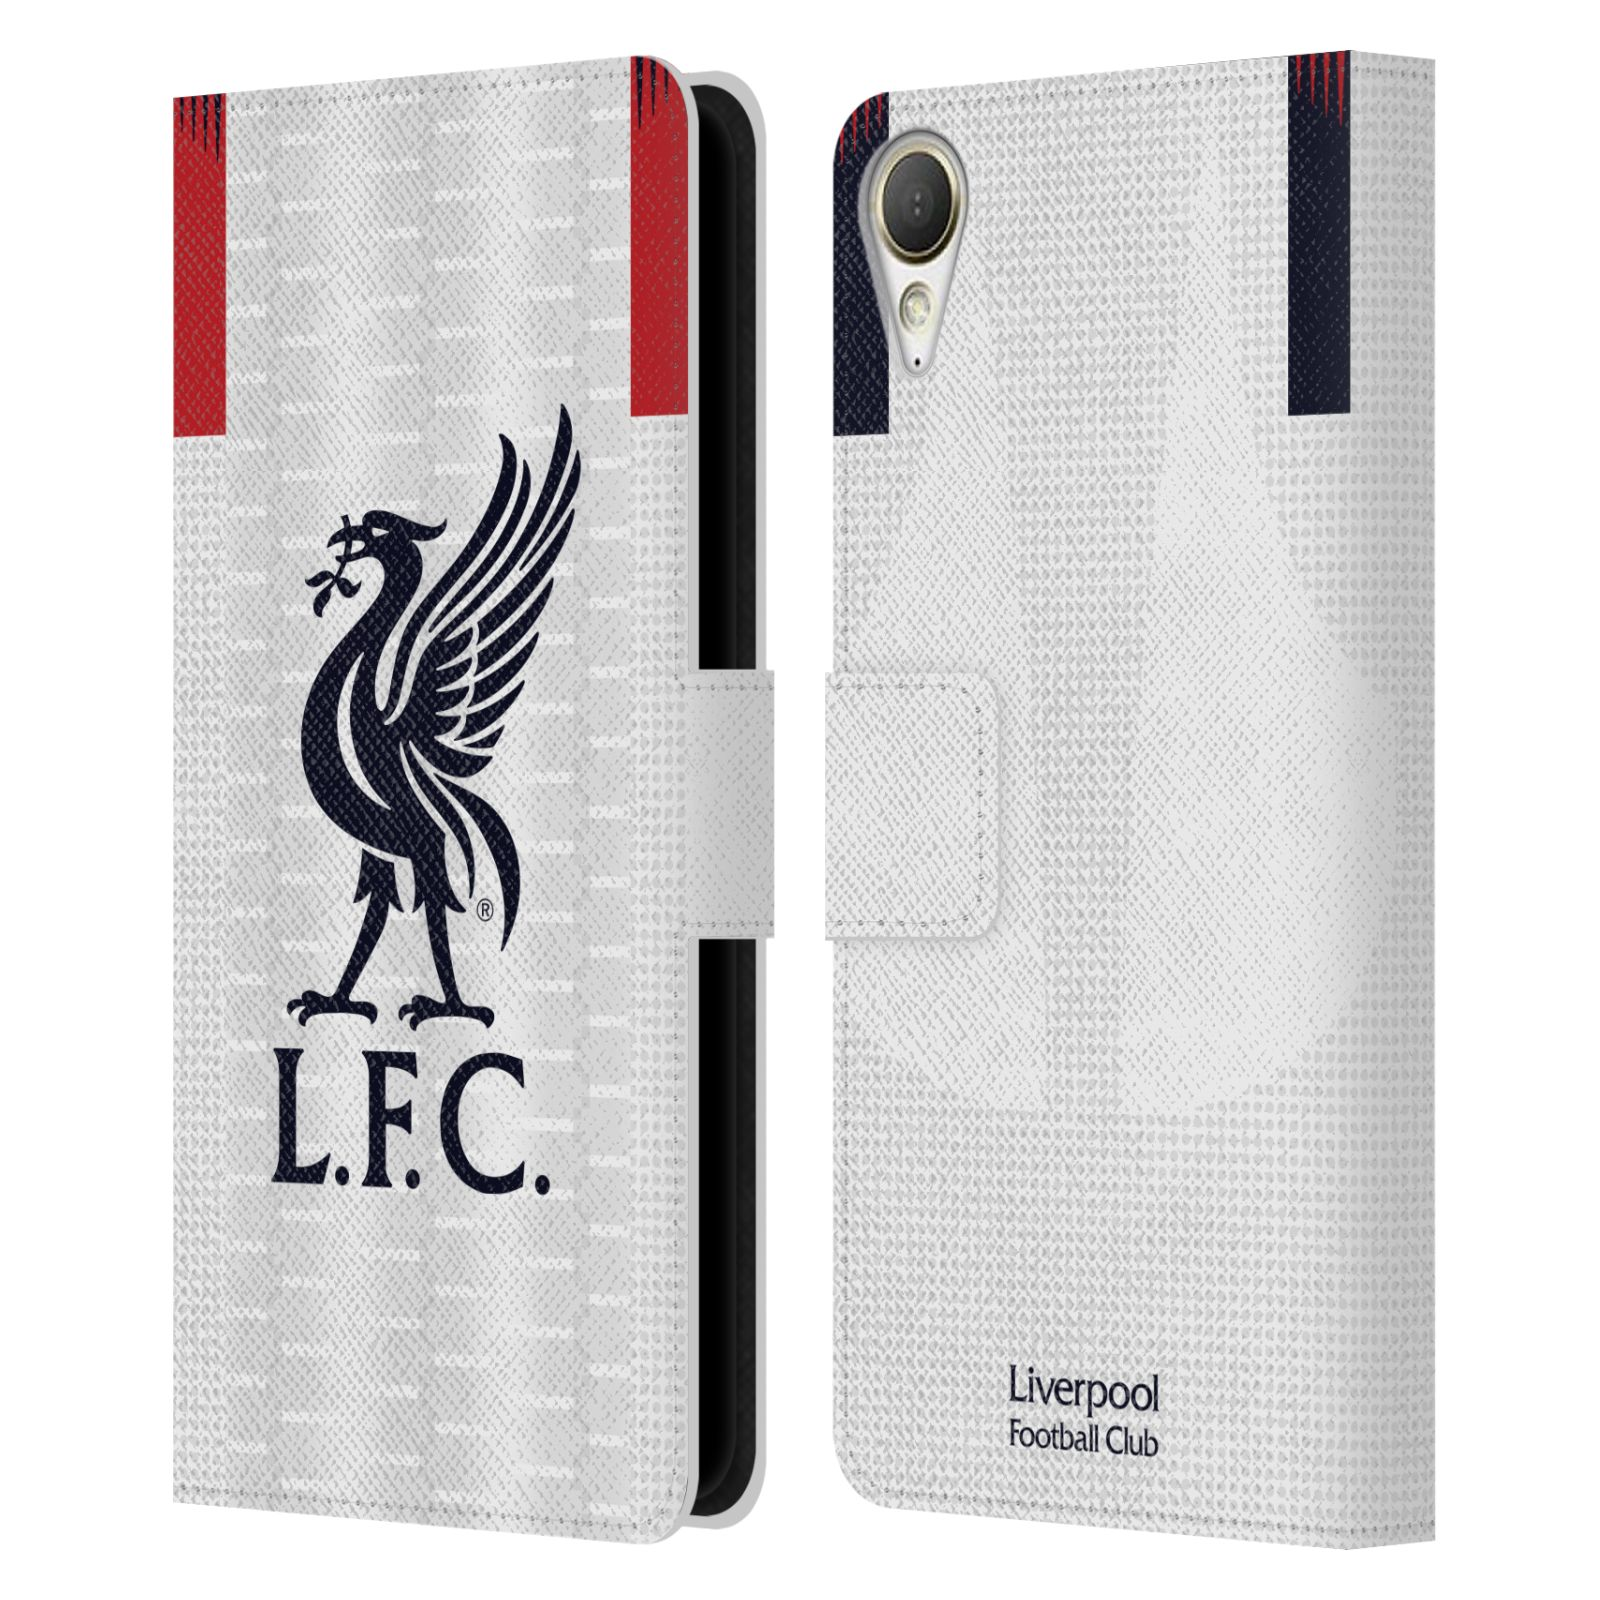 Pouzdro na mobil HTC Desire 10 Lifestyle - Head Case - fotbalový klub liverpool bílý dres